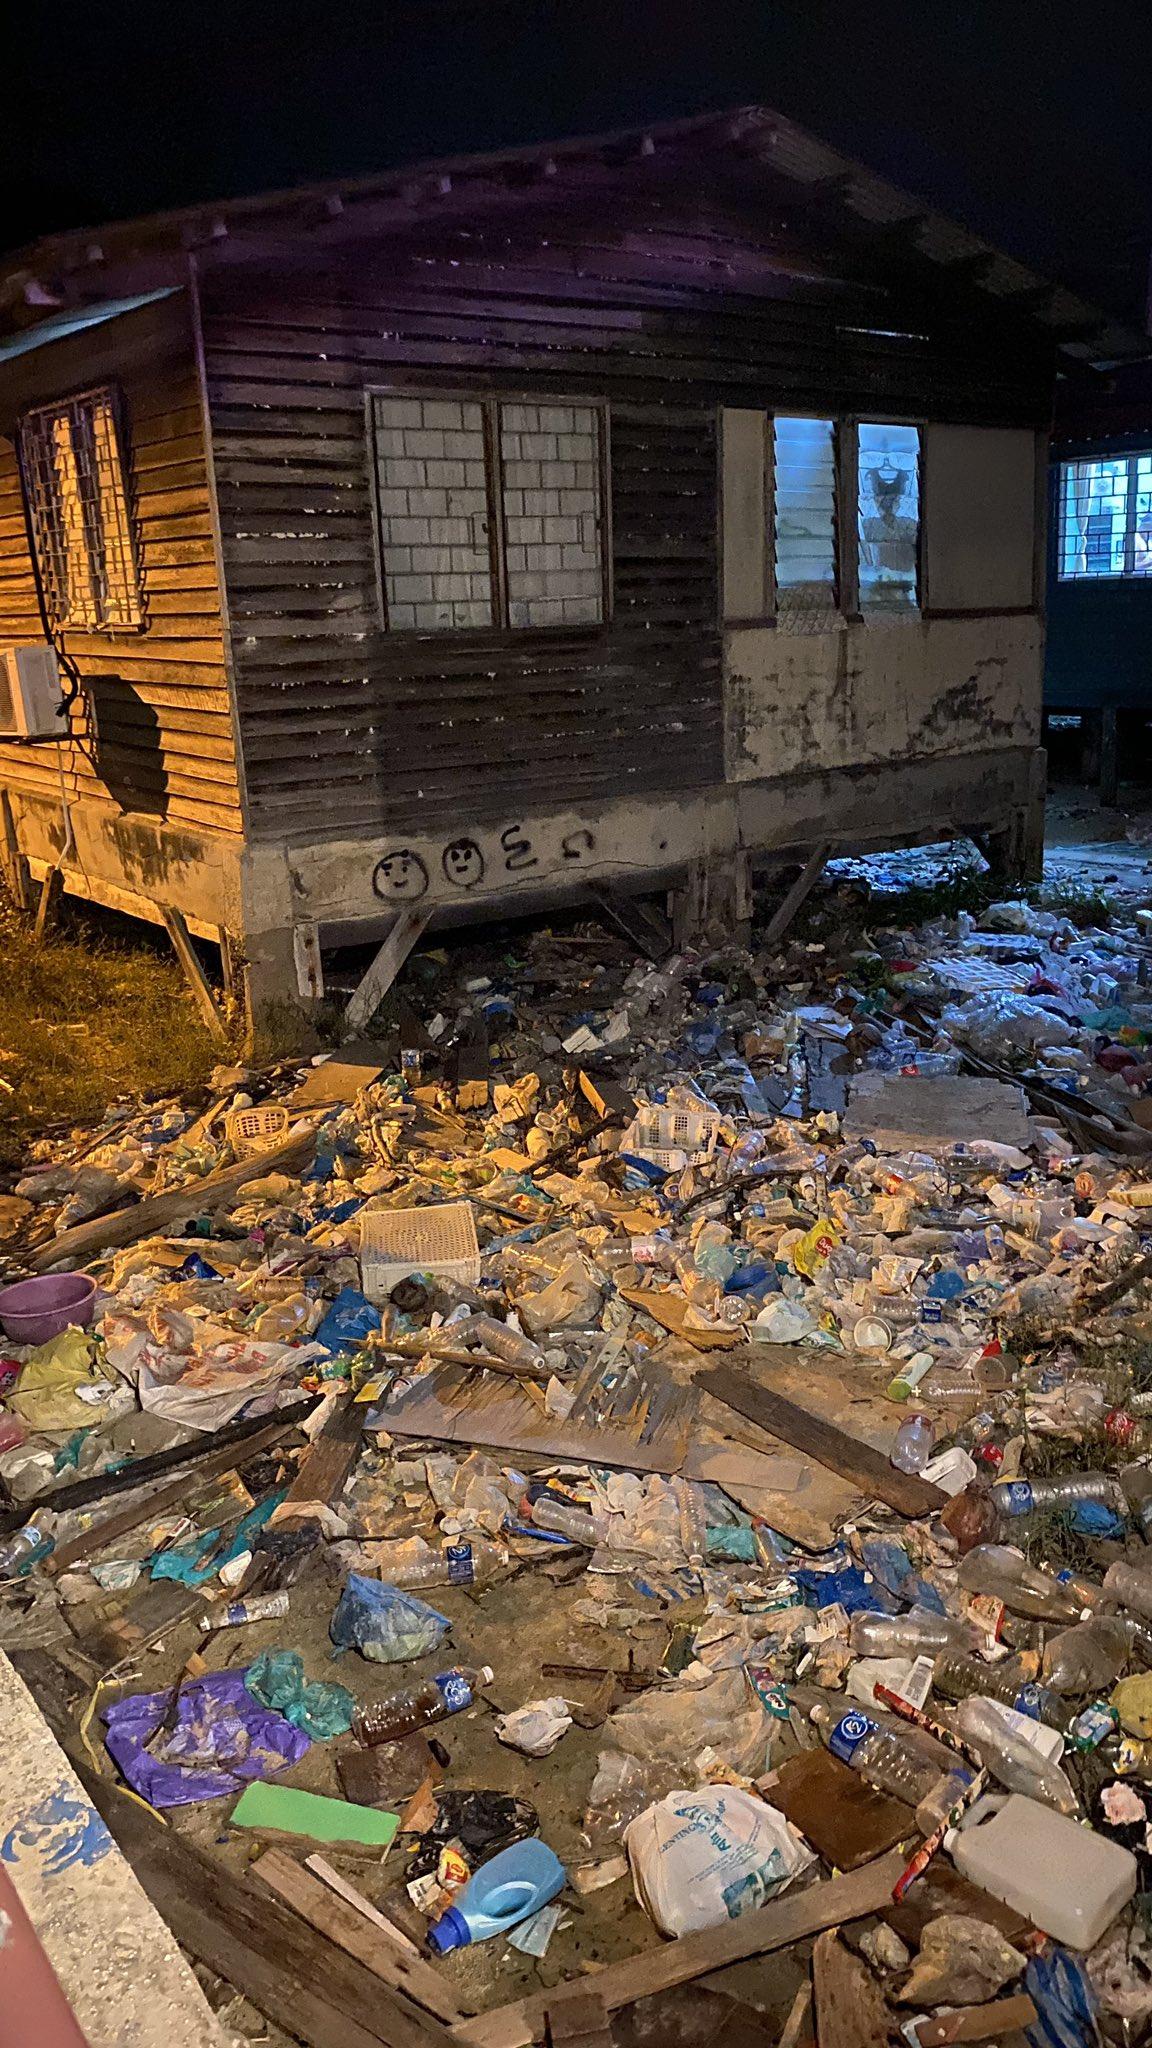 Menghampiri PRN, Gambar Perkampungan Pulau Sabah Penuh Sampah Tarik Perhatian Netizen 3